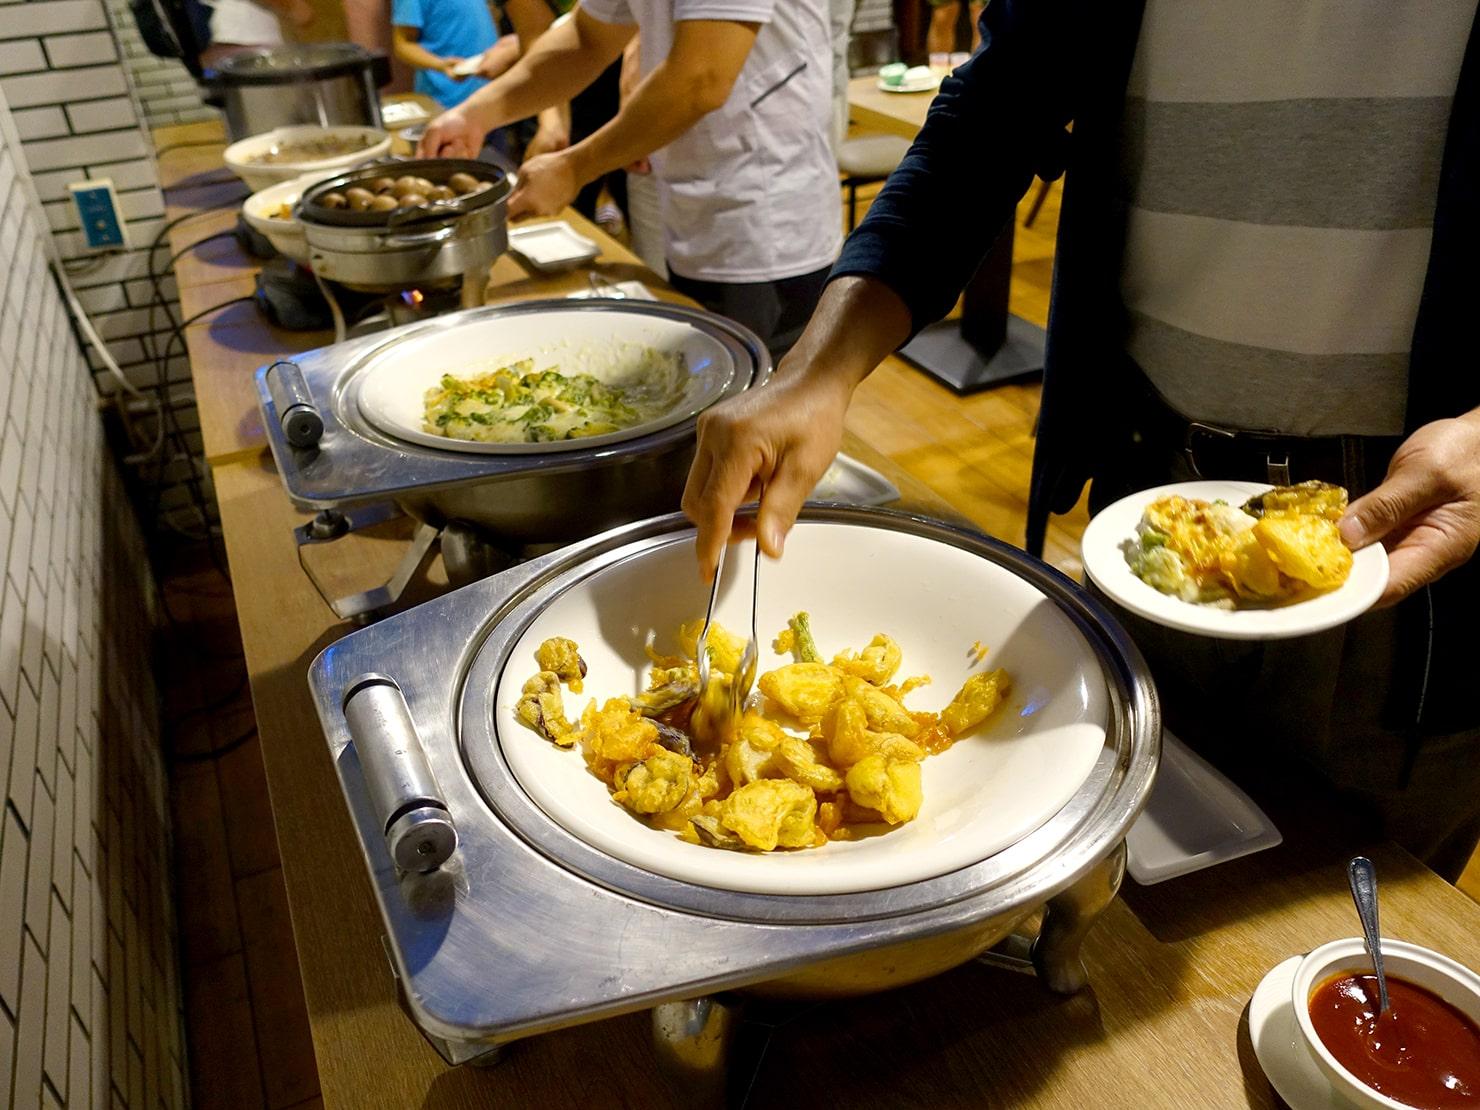 台南駅が目の前の老舗ホテル「台南大飯店 Hotel Tainan」の夜食で振舞われたお料理